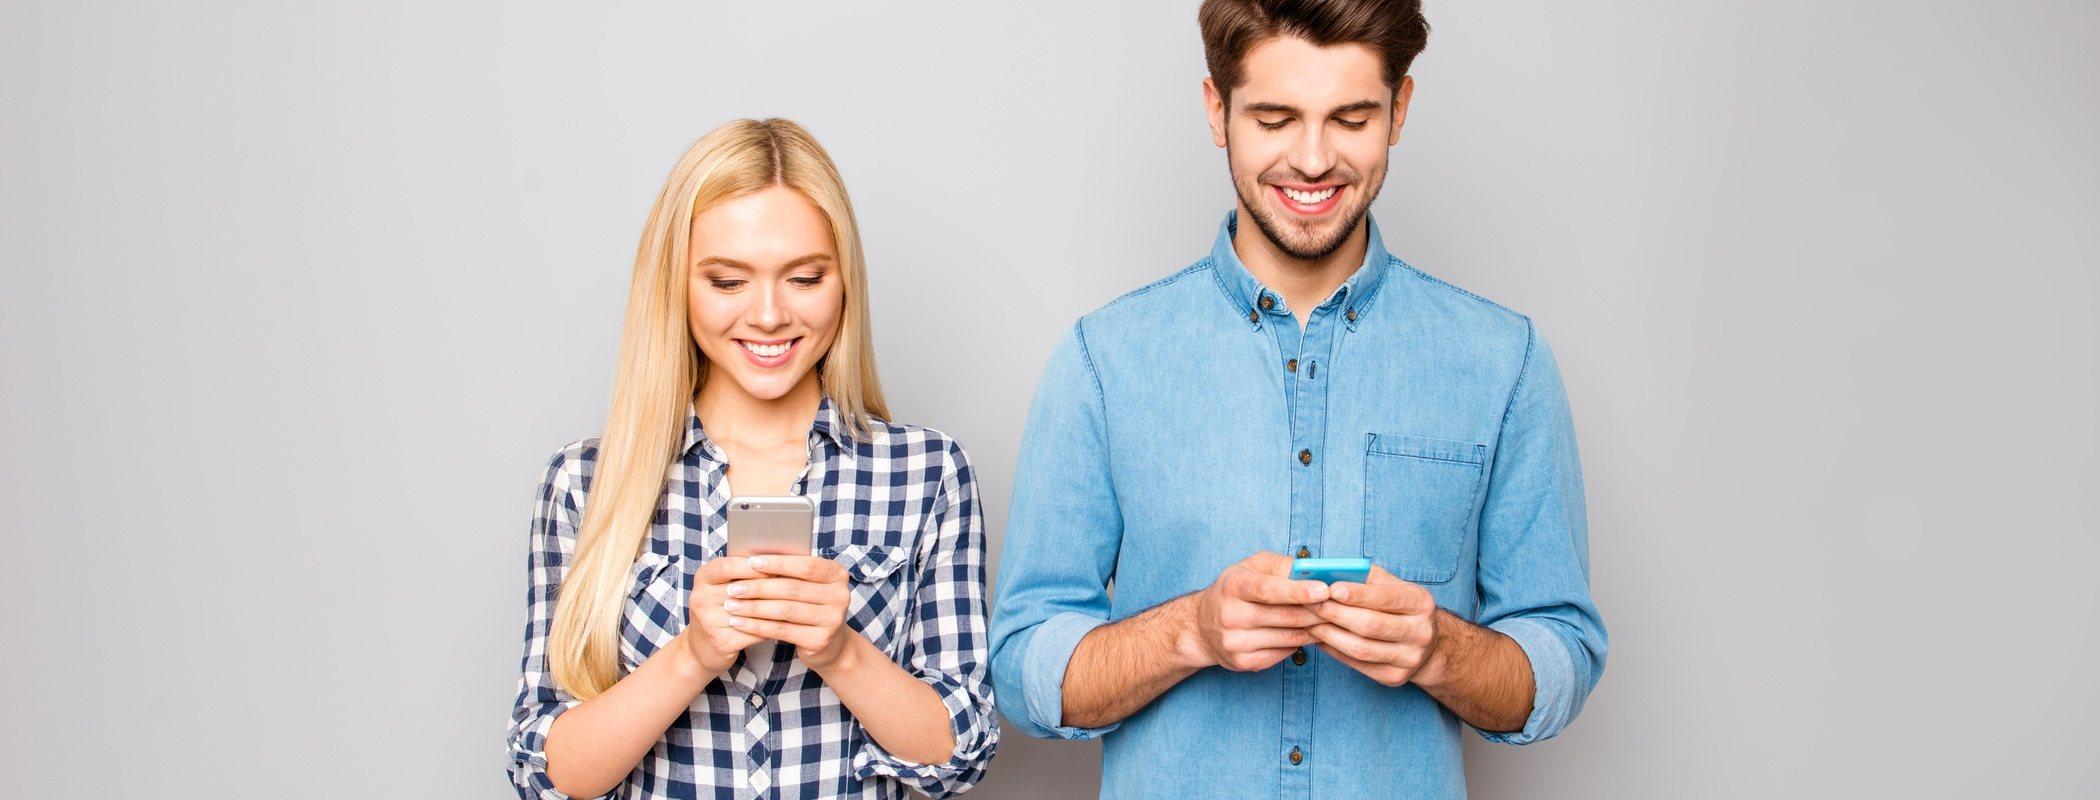 Cómo ligar a través de aplicaciones del móvil